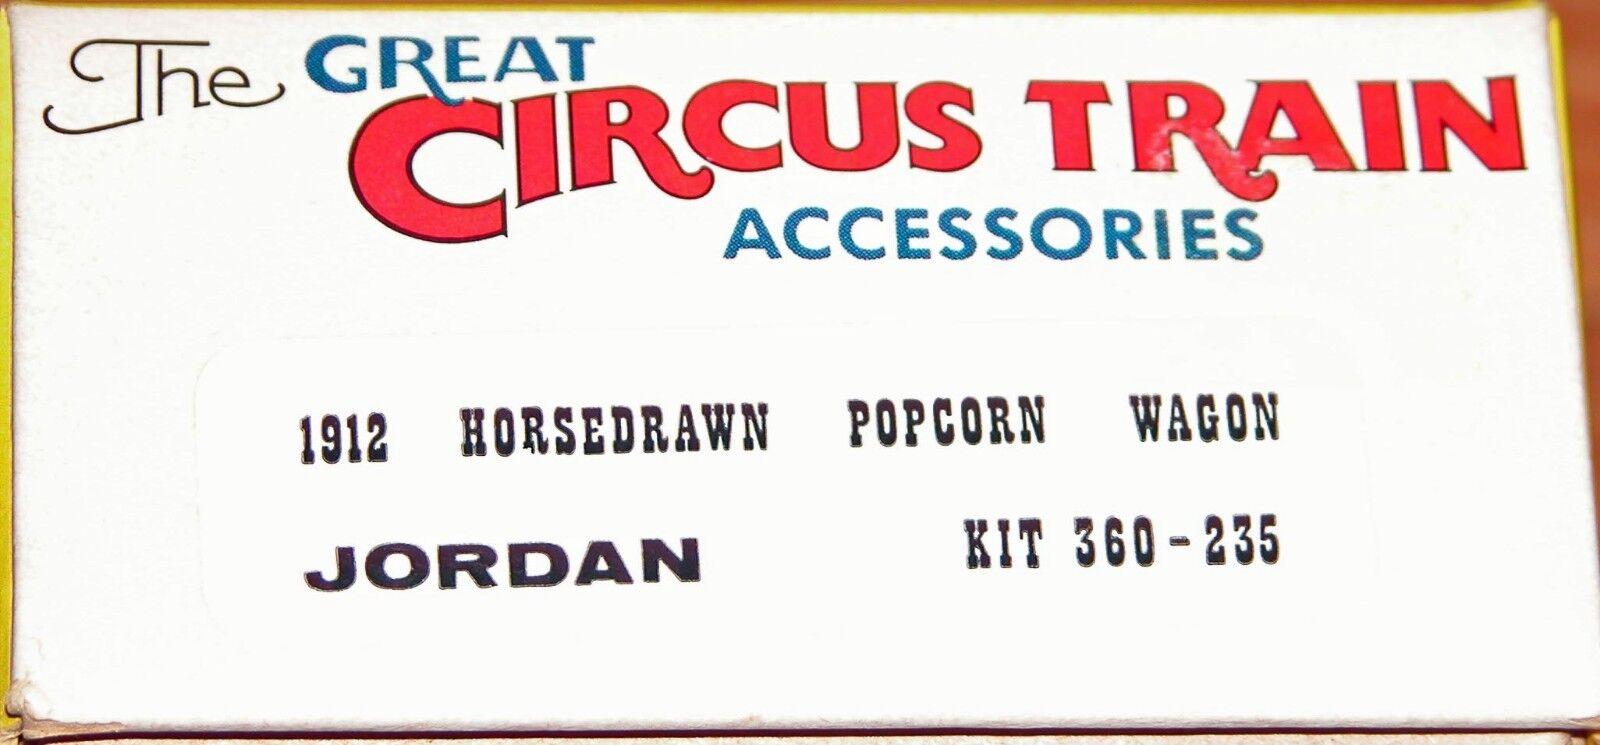 WALTHERS THE GREAT CIRCUS TRAIN ACC 360-235 JORDAN 1912 HORSEDRAWN POPCORN WAGON